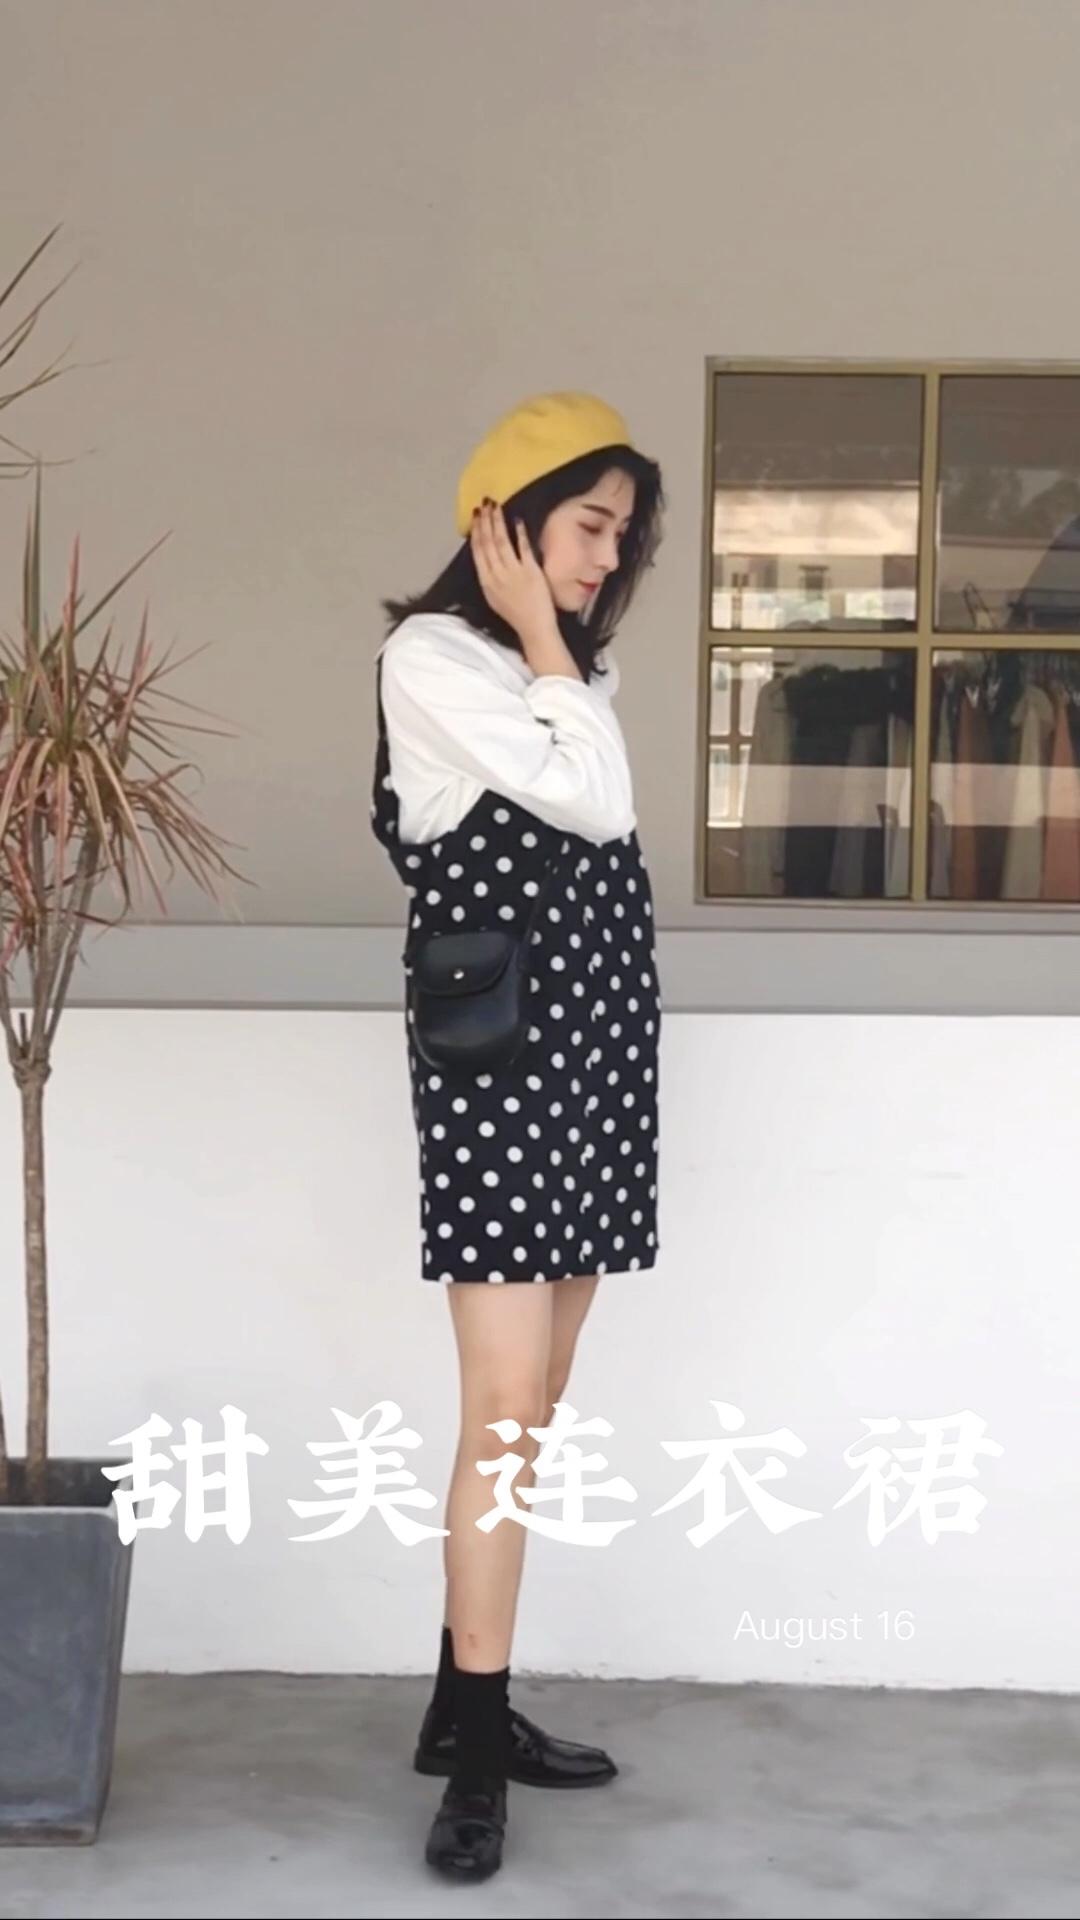 """秋冬对灯芯绒有一种执念 可能因为真的太好穿了, 小时候一直穿的灯芯绒近年又开始""""回春""""不无道理; 面料挺括有型不软塌, 很容易就营造出衣服造型感, 面料本身就是一种亮点; 直筒版型背带裙适合各种身材的女孩, 长度到膝盖上方很青春活泼 波点+灯芯绒复古感MAX, 简约就足够减龄好看了 #微胖梨形妹,帮你一遮到位!#"""